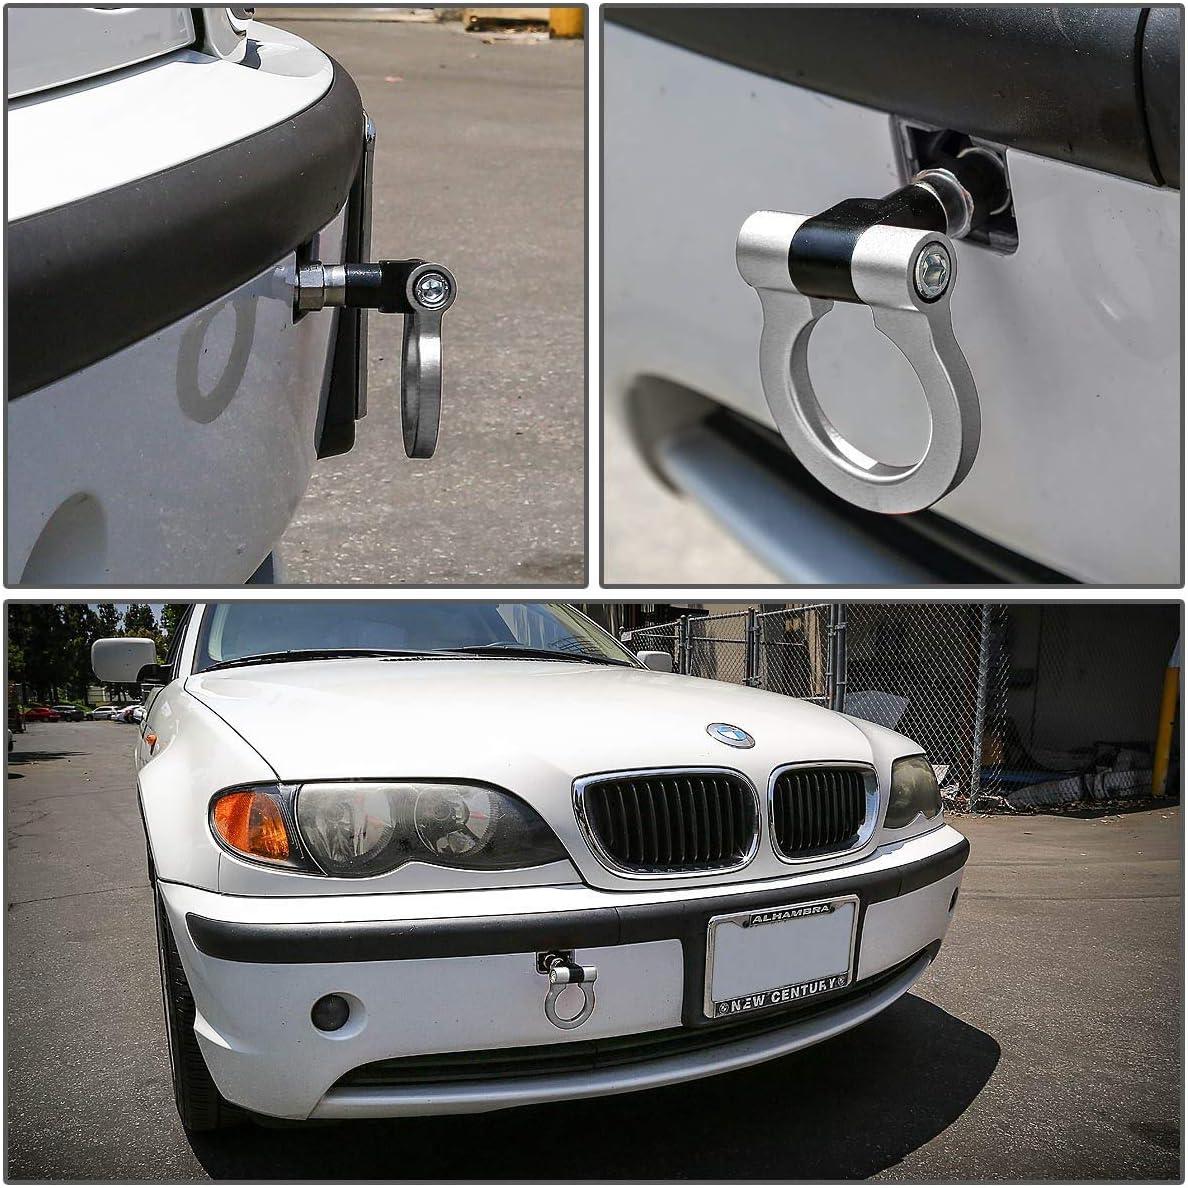 Purple MG Pro-industry Black Front /& Rear Bumper Screw on Tow Hook Kit for BMW 325 335I 330 328 318 M3 M5 E60 E90 E92 Coupe SED